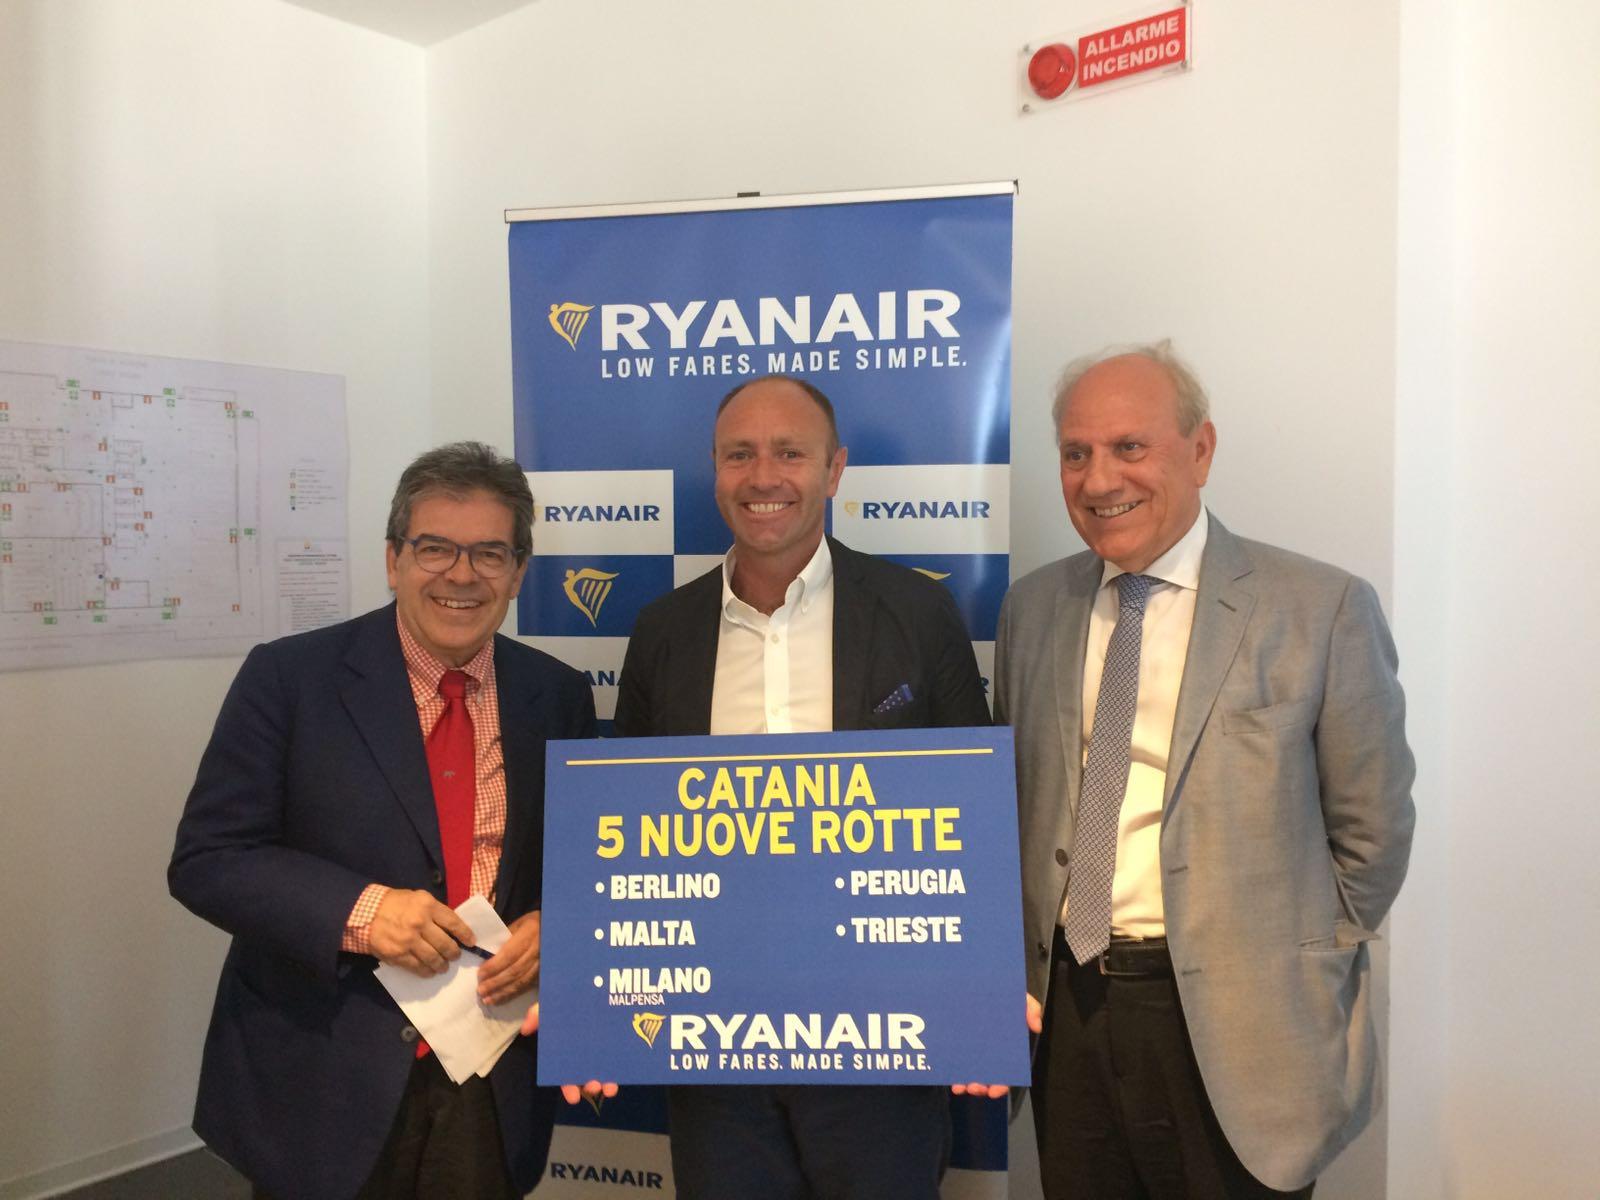 Ryanair ha lanciato l'operativo invernale di Catania: Investimento da 100mln di dollari e 13 rotte